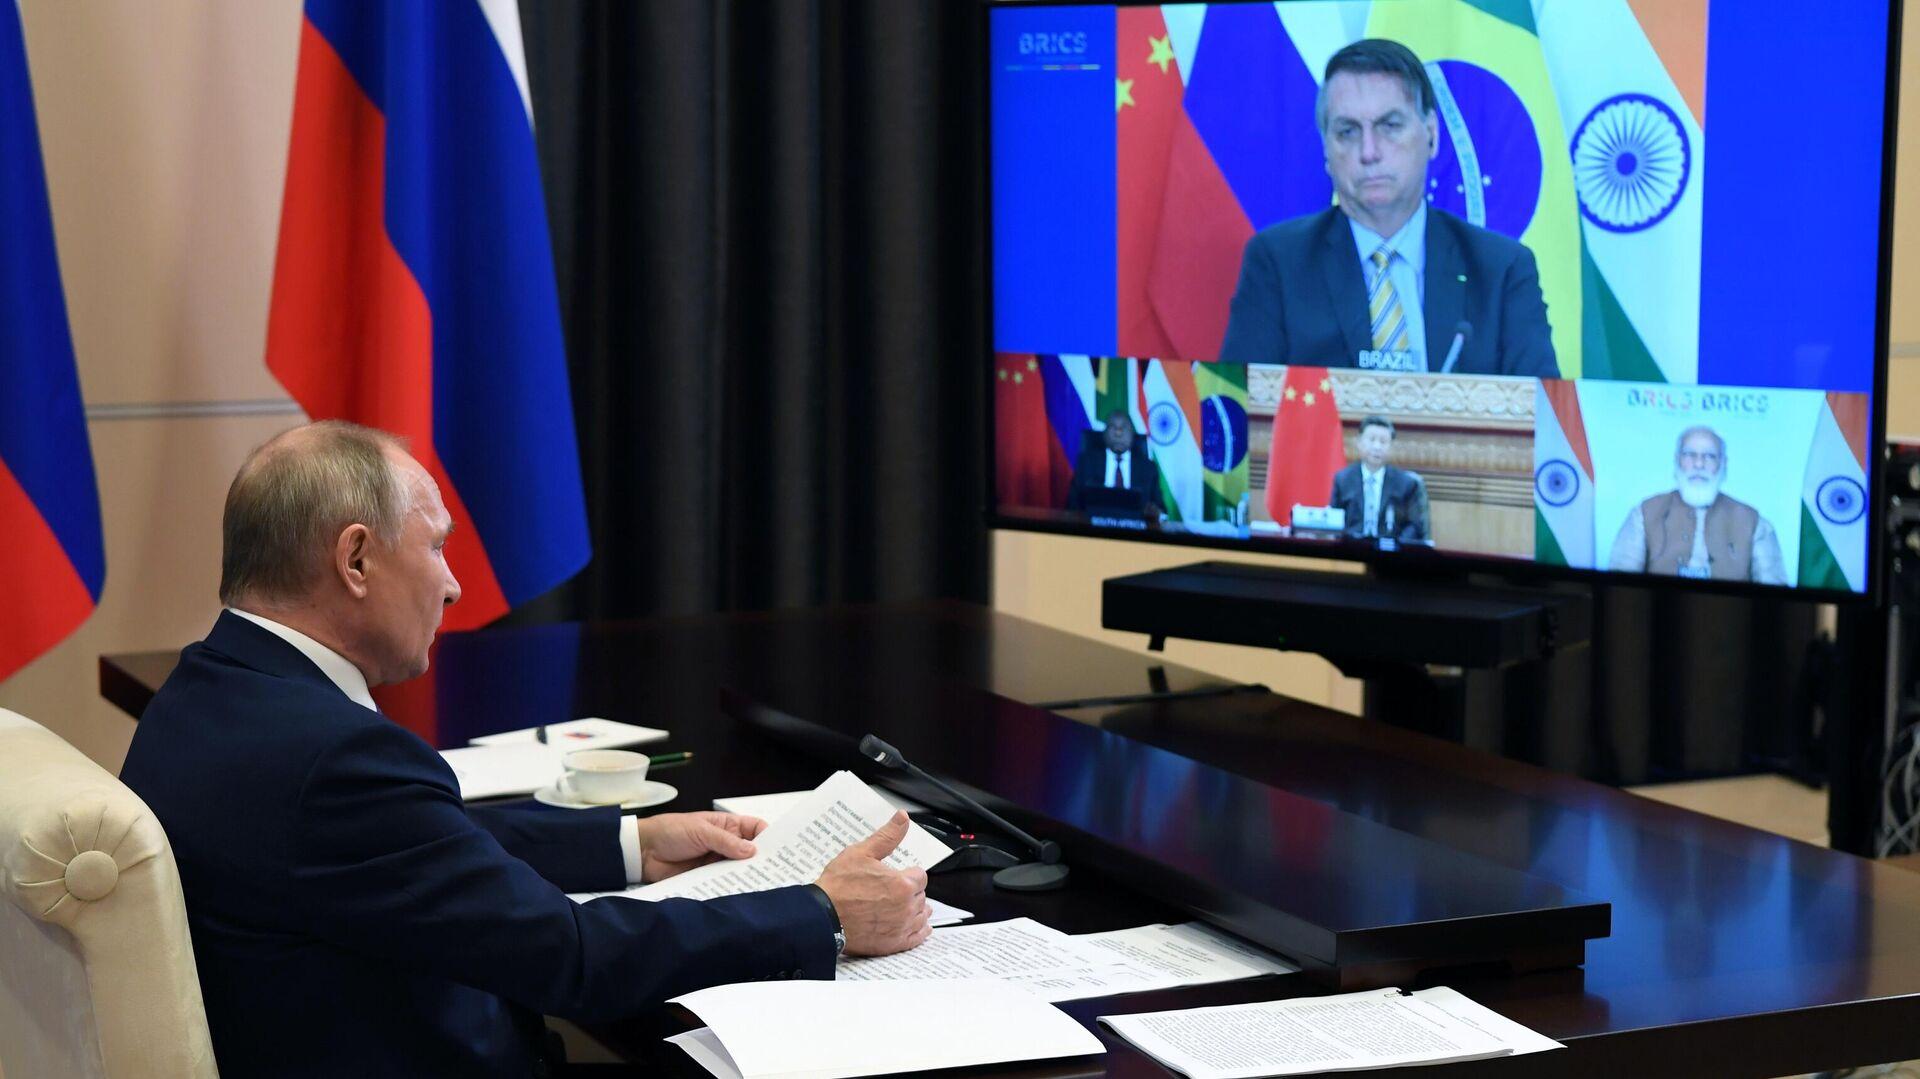 Президент РФ Владимир Путин принимает участие в XII саммите БРИКС в режиме видеоконференции - РИА Новости, 1920, 17.11.2020